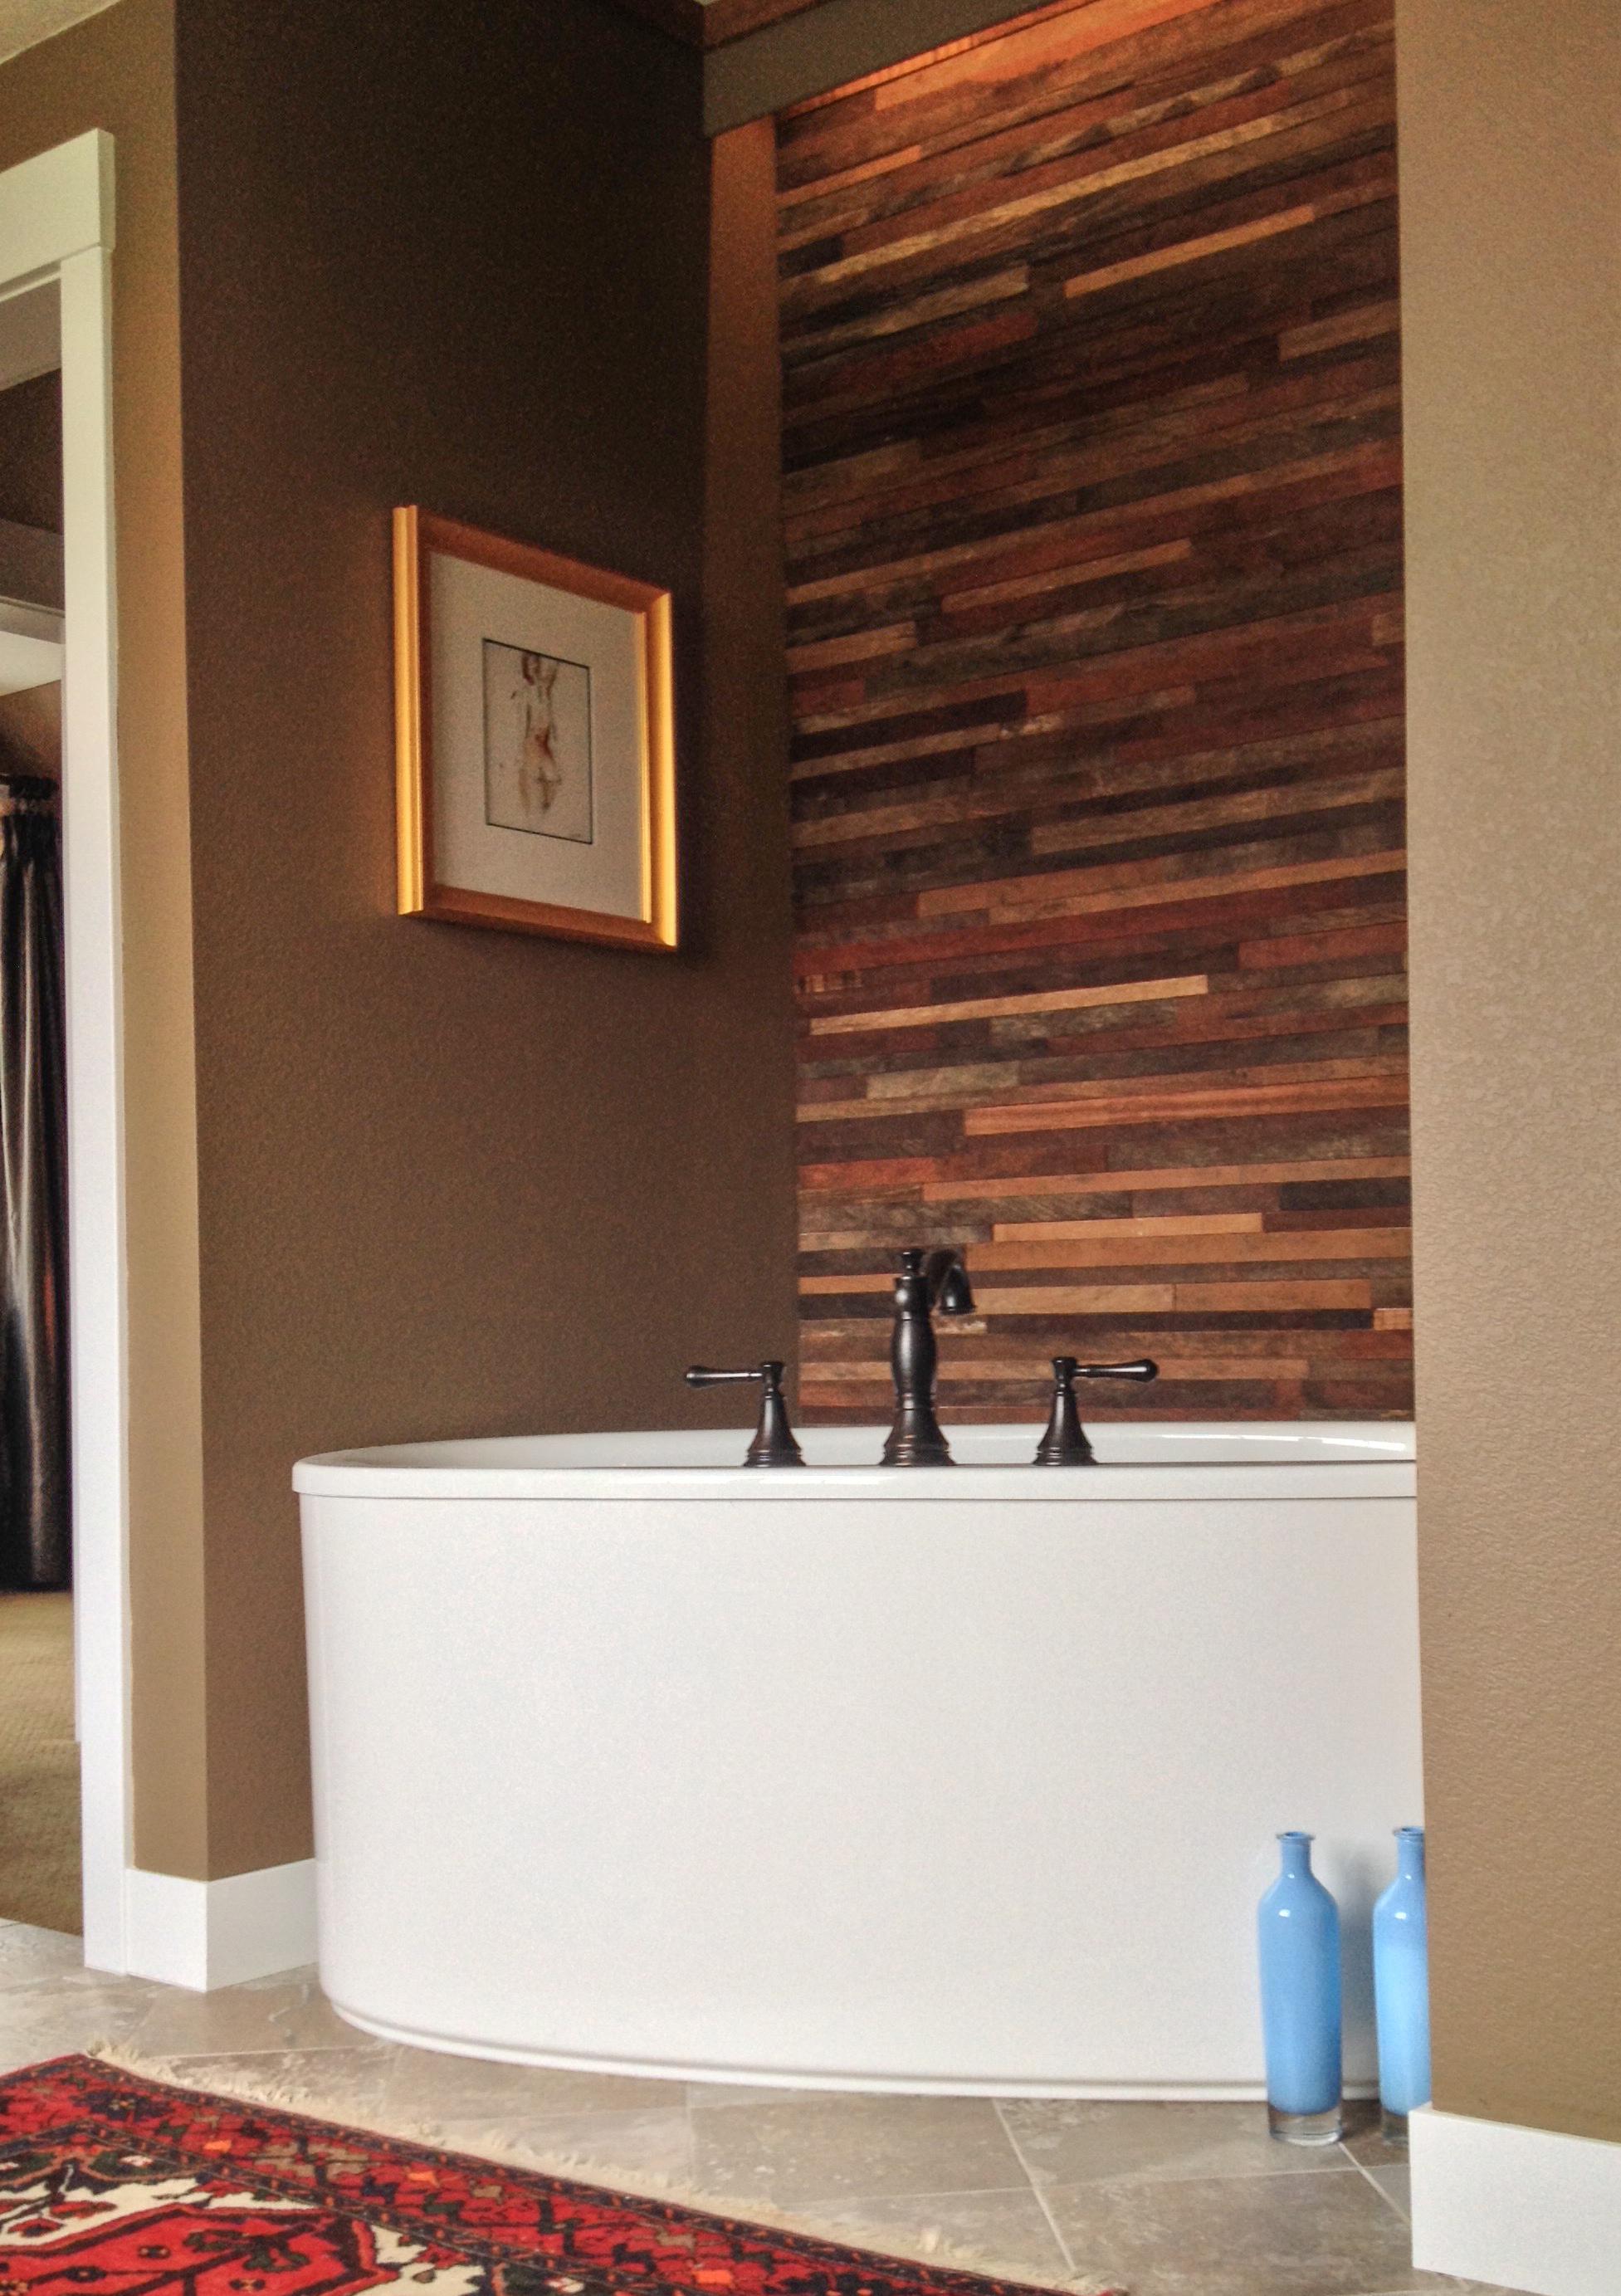 Cuttoffs reclaimed wood walls